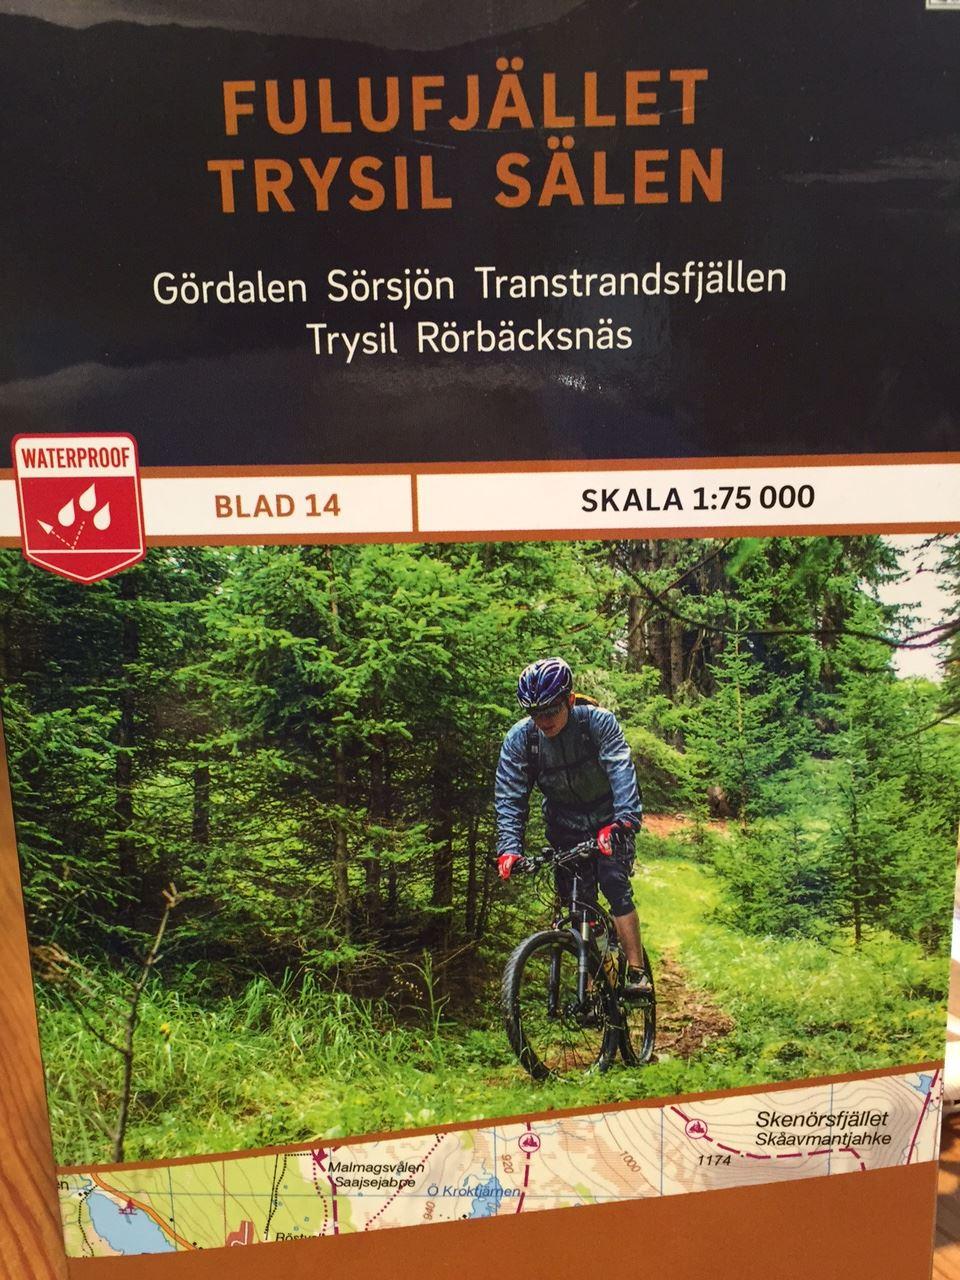 Fulufjället-Trysil-Sälen 1:75 000